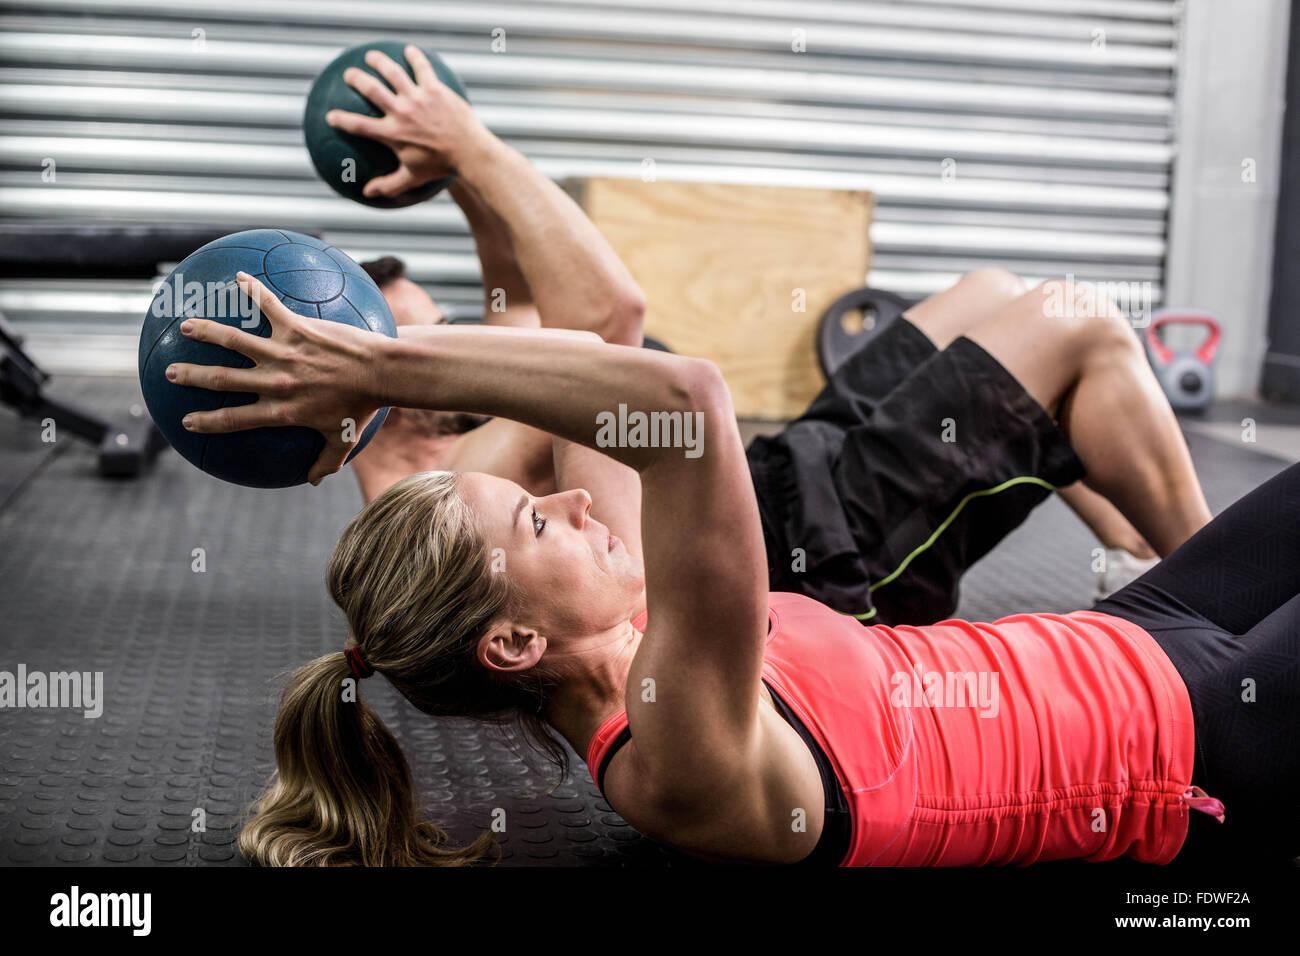 Colocar par hacer ejercicio bola abdominal Imagen De Stock